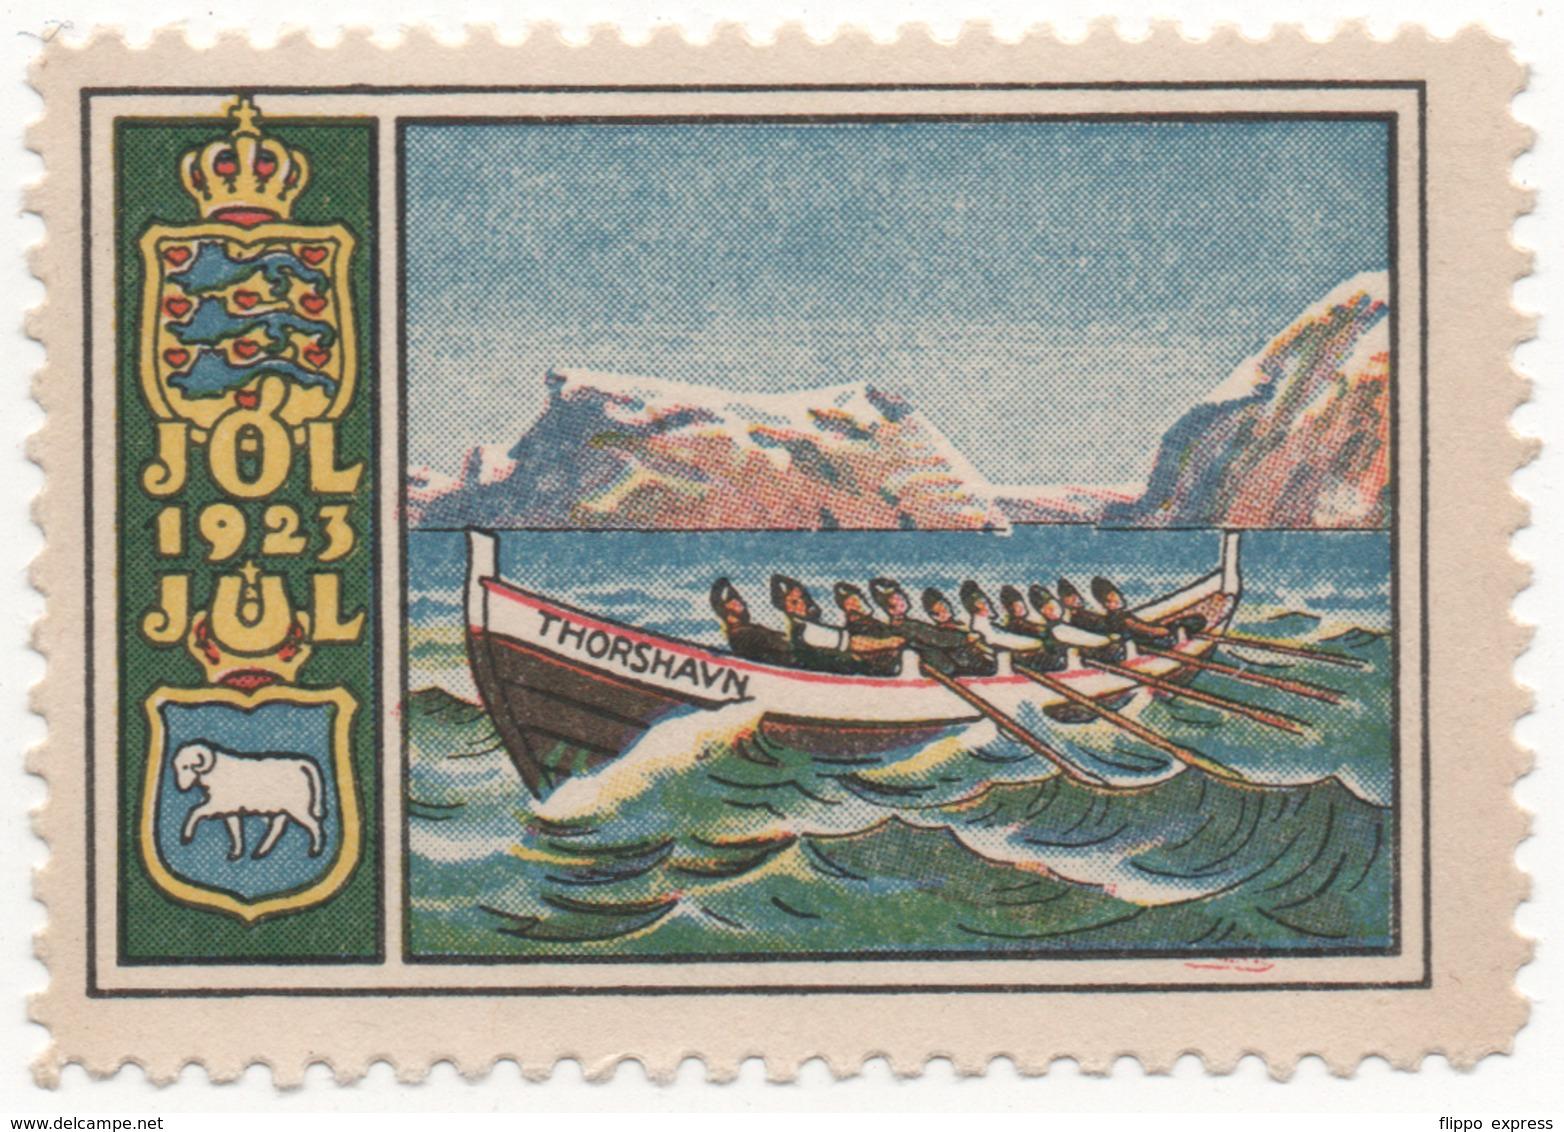 Denmark 1923, Julemaerke, Christmas Stamp, Vignet, Poster Stamp - Denemarken